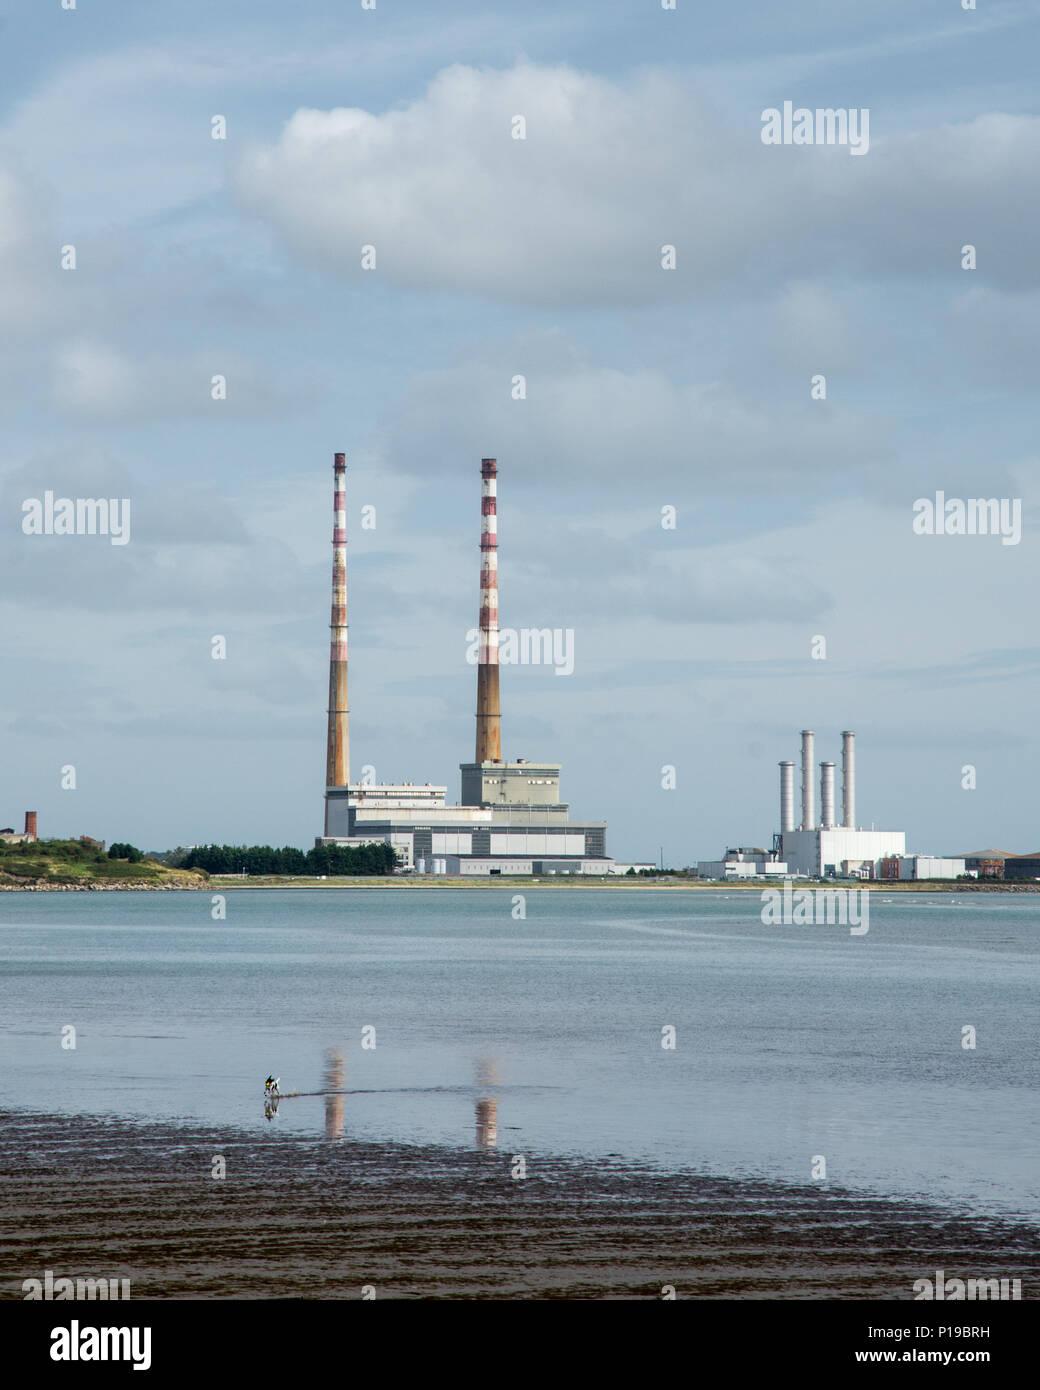 Un perro nadando en la Bahía de Dublín, en la ZPE de Sandymount Strand playa, con el emblemático chimeneas de Poolbeg Twin Power Station subiendo el Puerto de Dublín en la distancia. Foto de stock